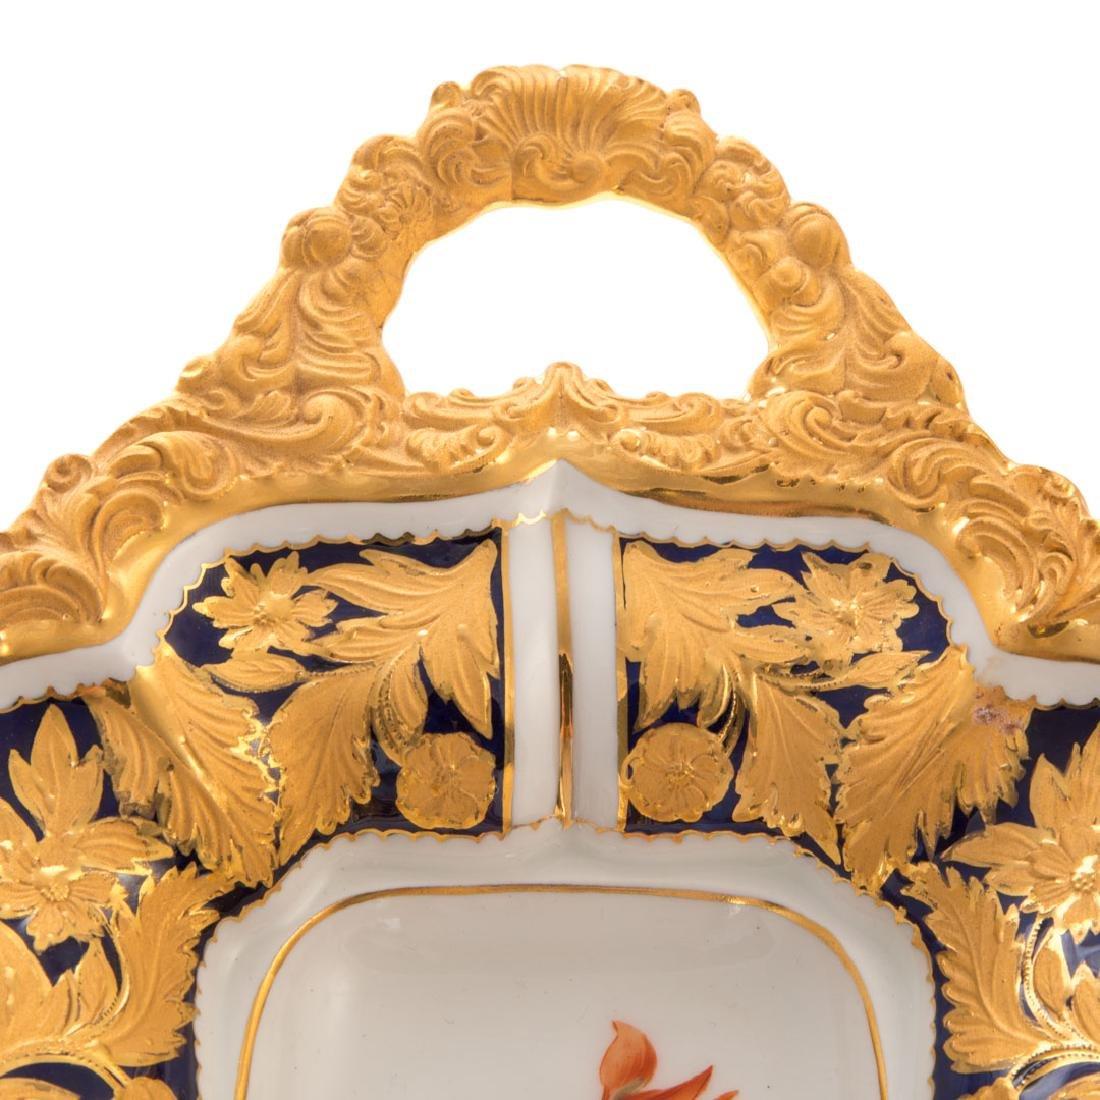 Meissen porcelain dish and beaker vase - 4